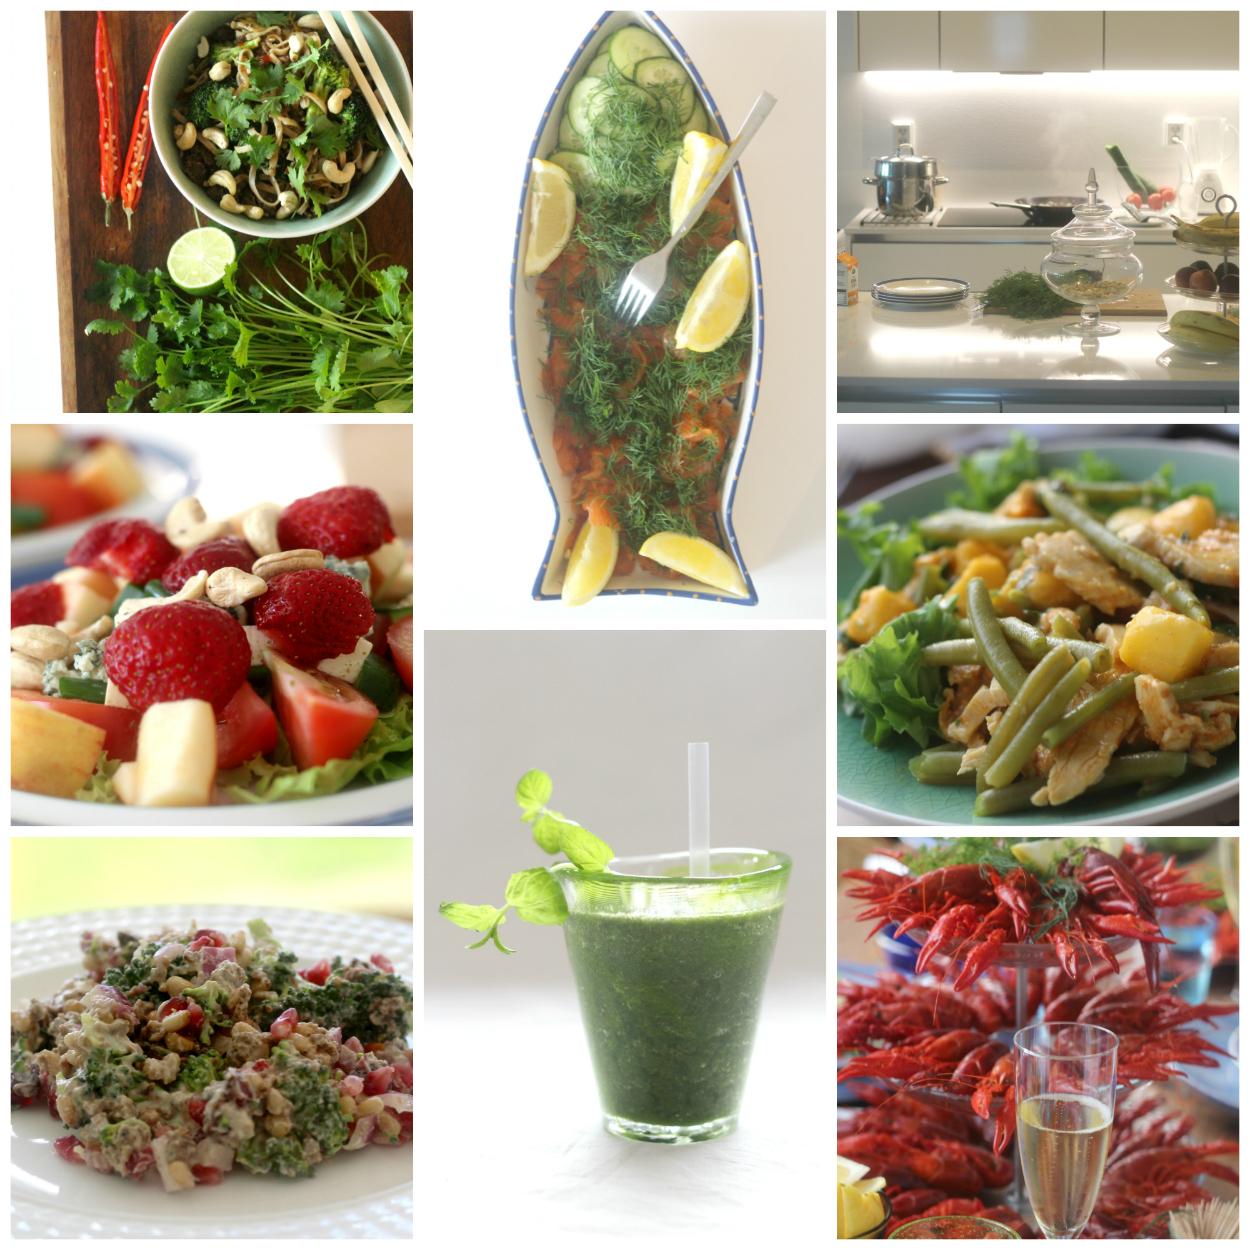 Yli 1 000 terveellistä reseptiä helposti haettavissa